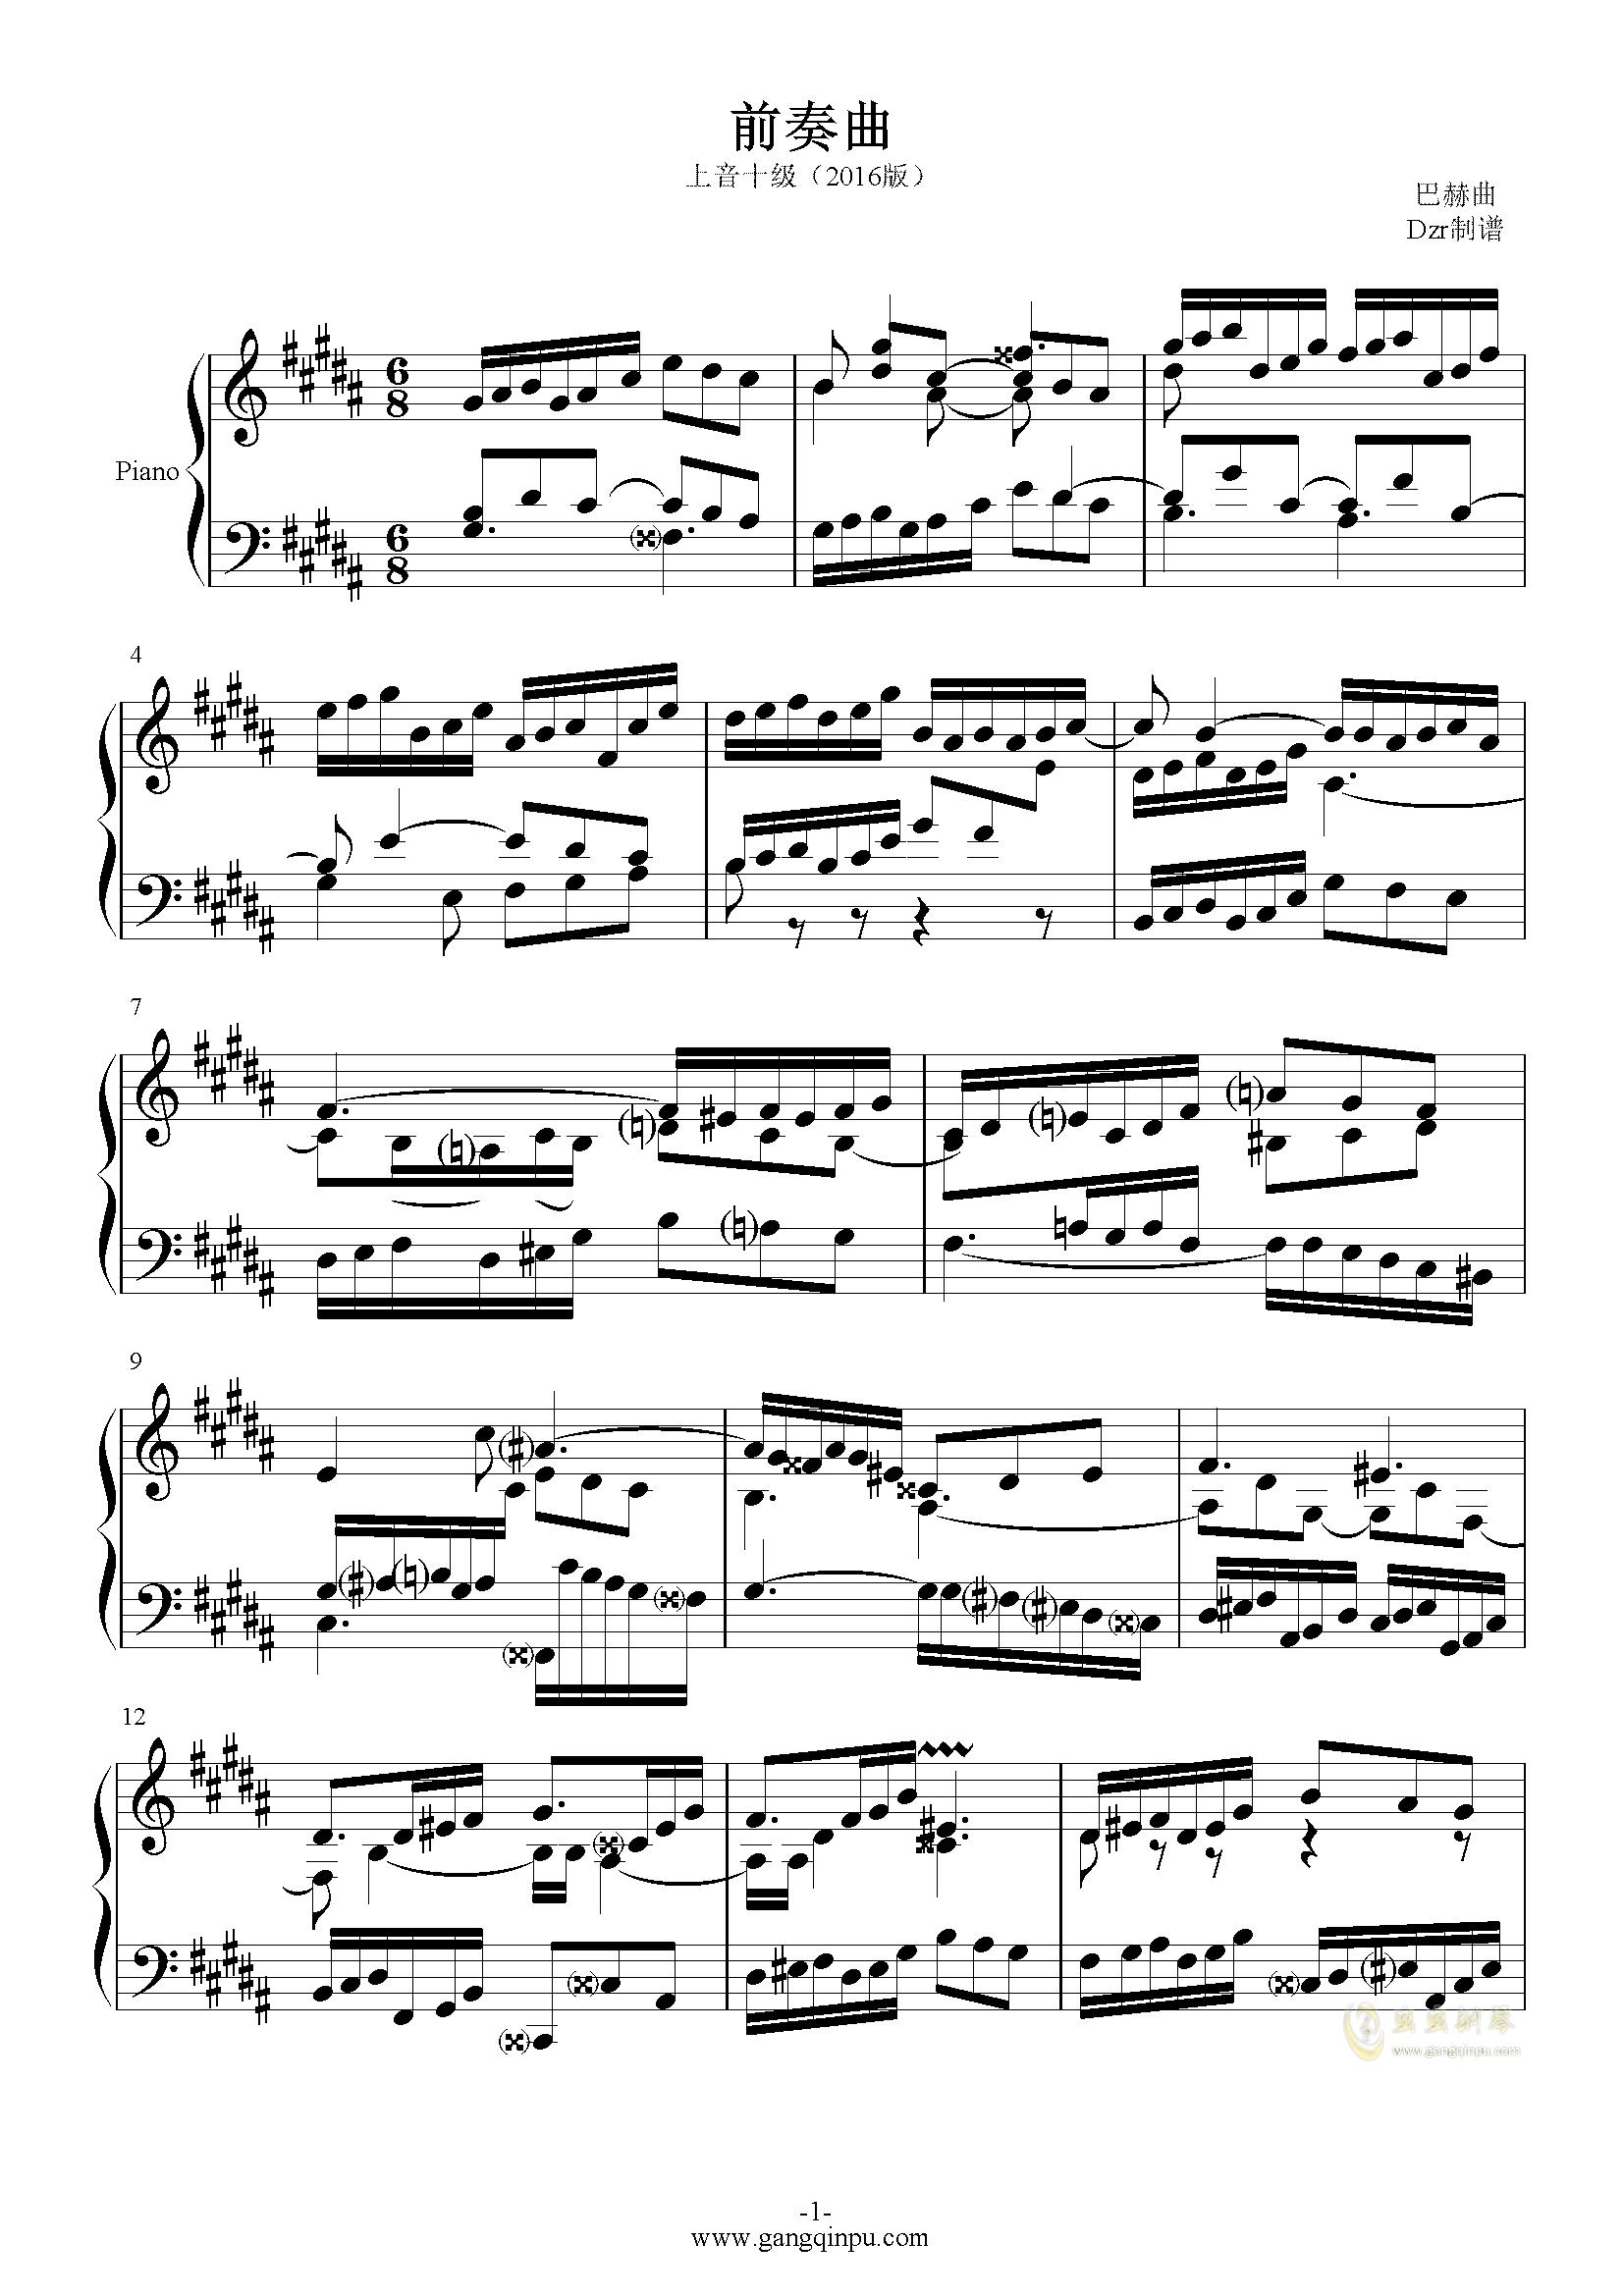 音诗钢琴曲九级谱子-音钢琴考级十级钢琴谱,前奏曲 巴赫 上音钢琴考级十级钢琴谱网,